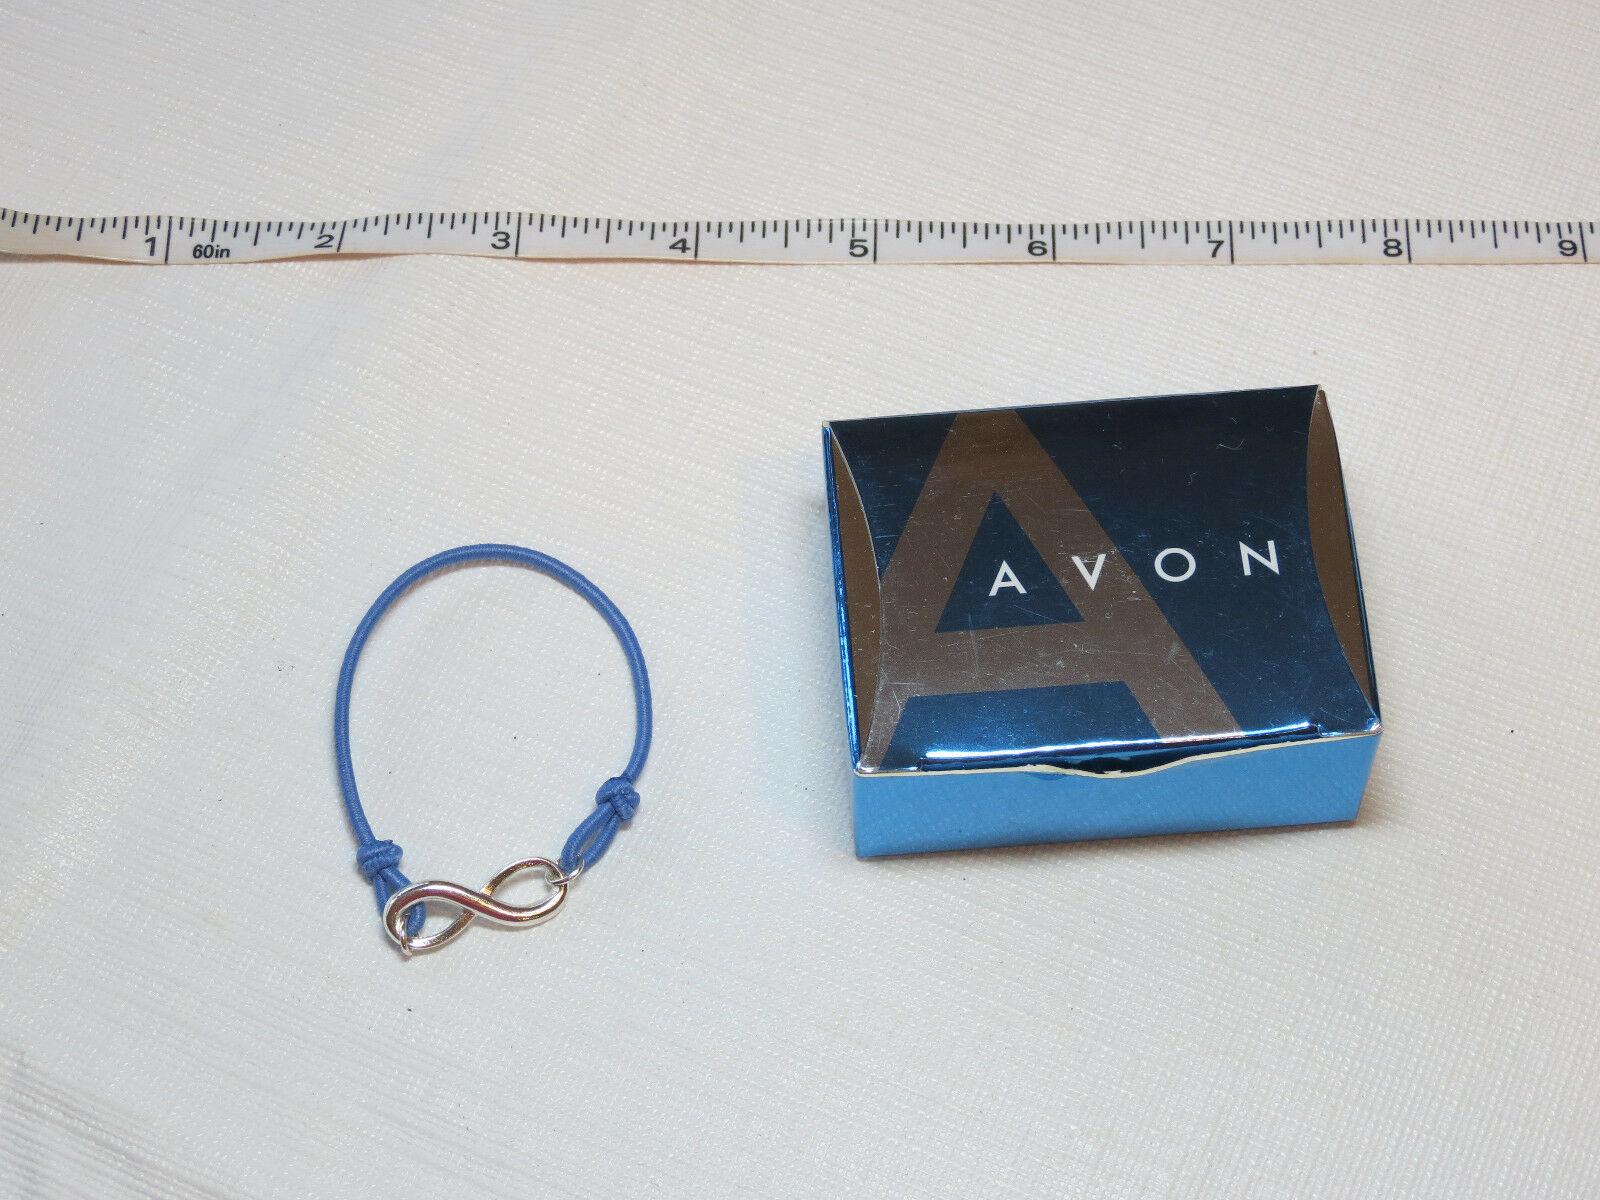 Donne Ragazze Avon Potenziamento Bracciale Piccolo Blu F3216611 Nip